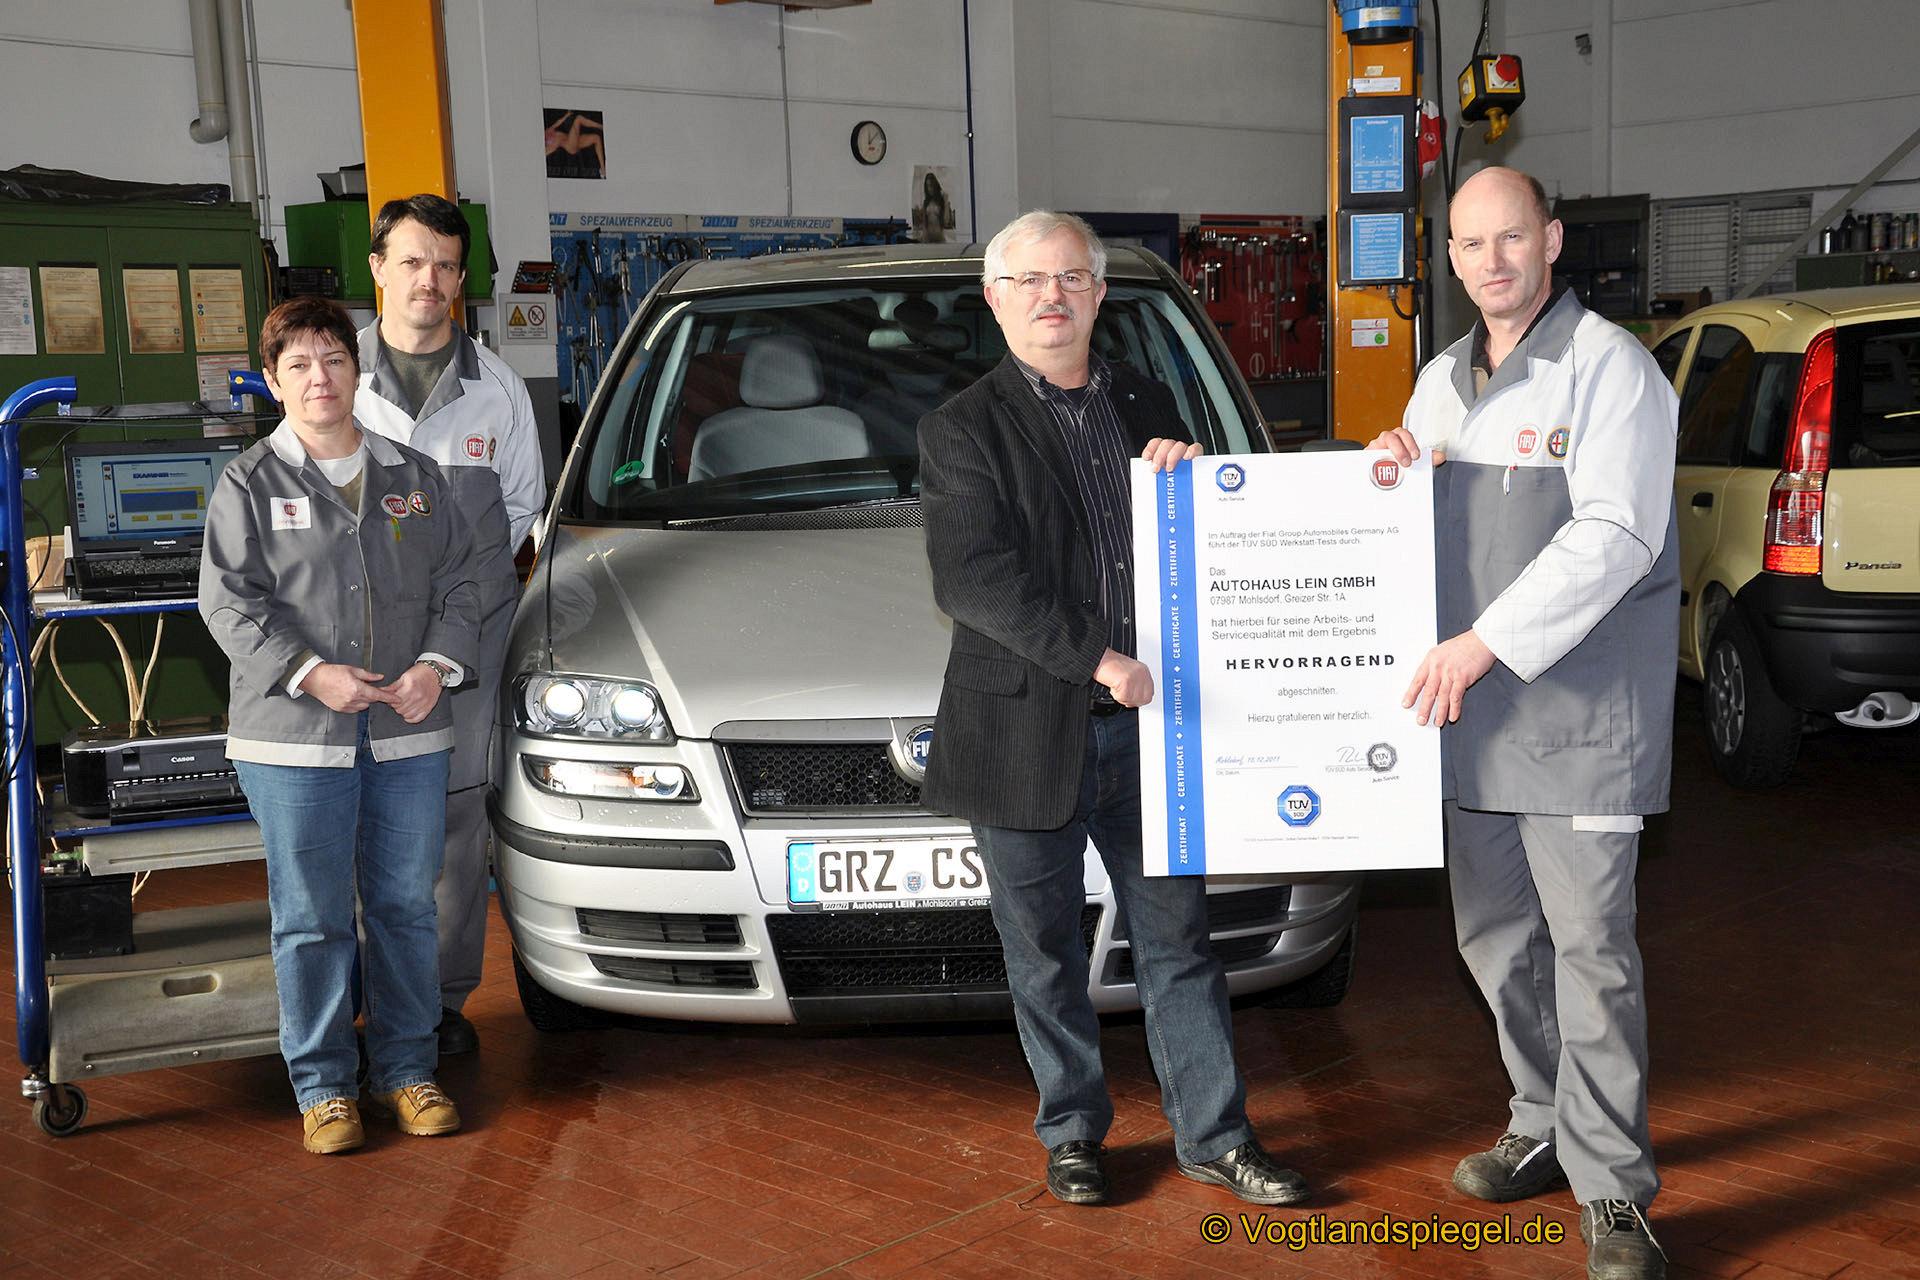 Autohaus Lein GmbH